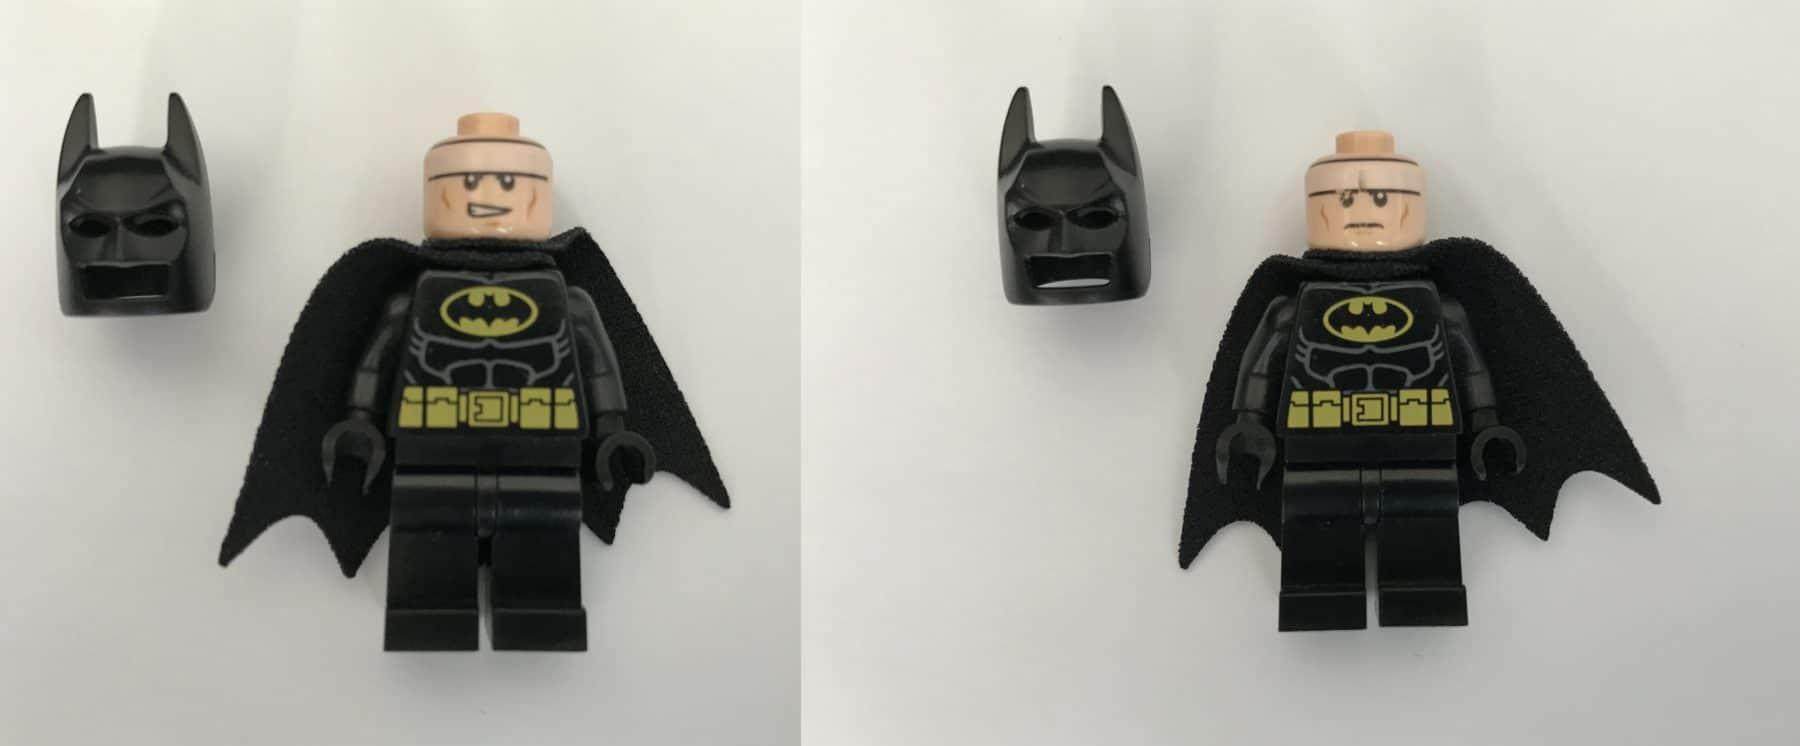 LEGO 77903 Batman Minifigur